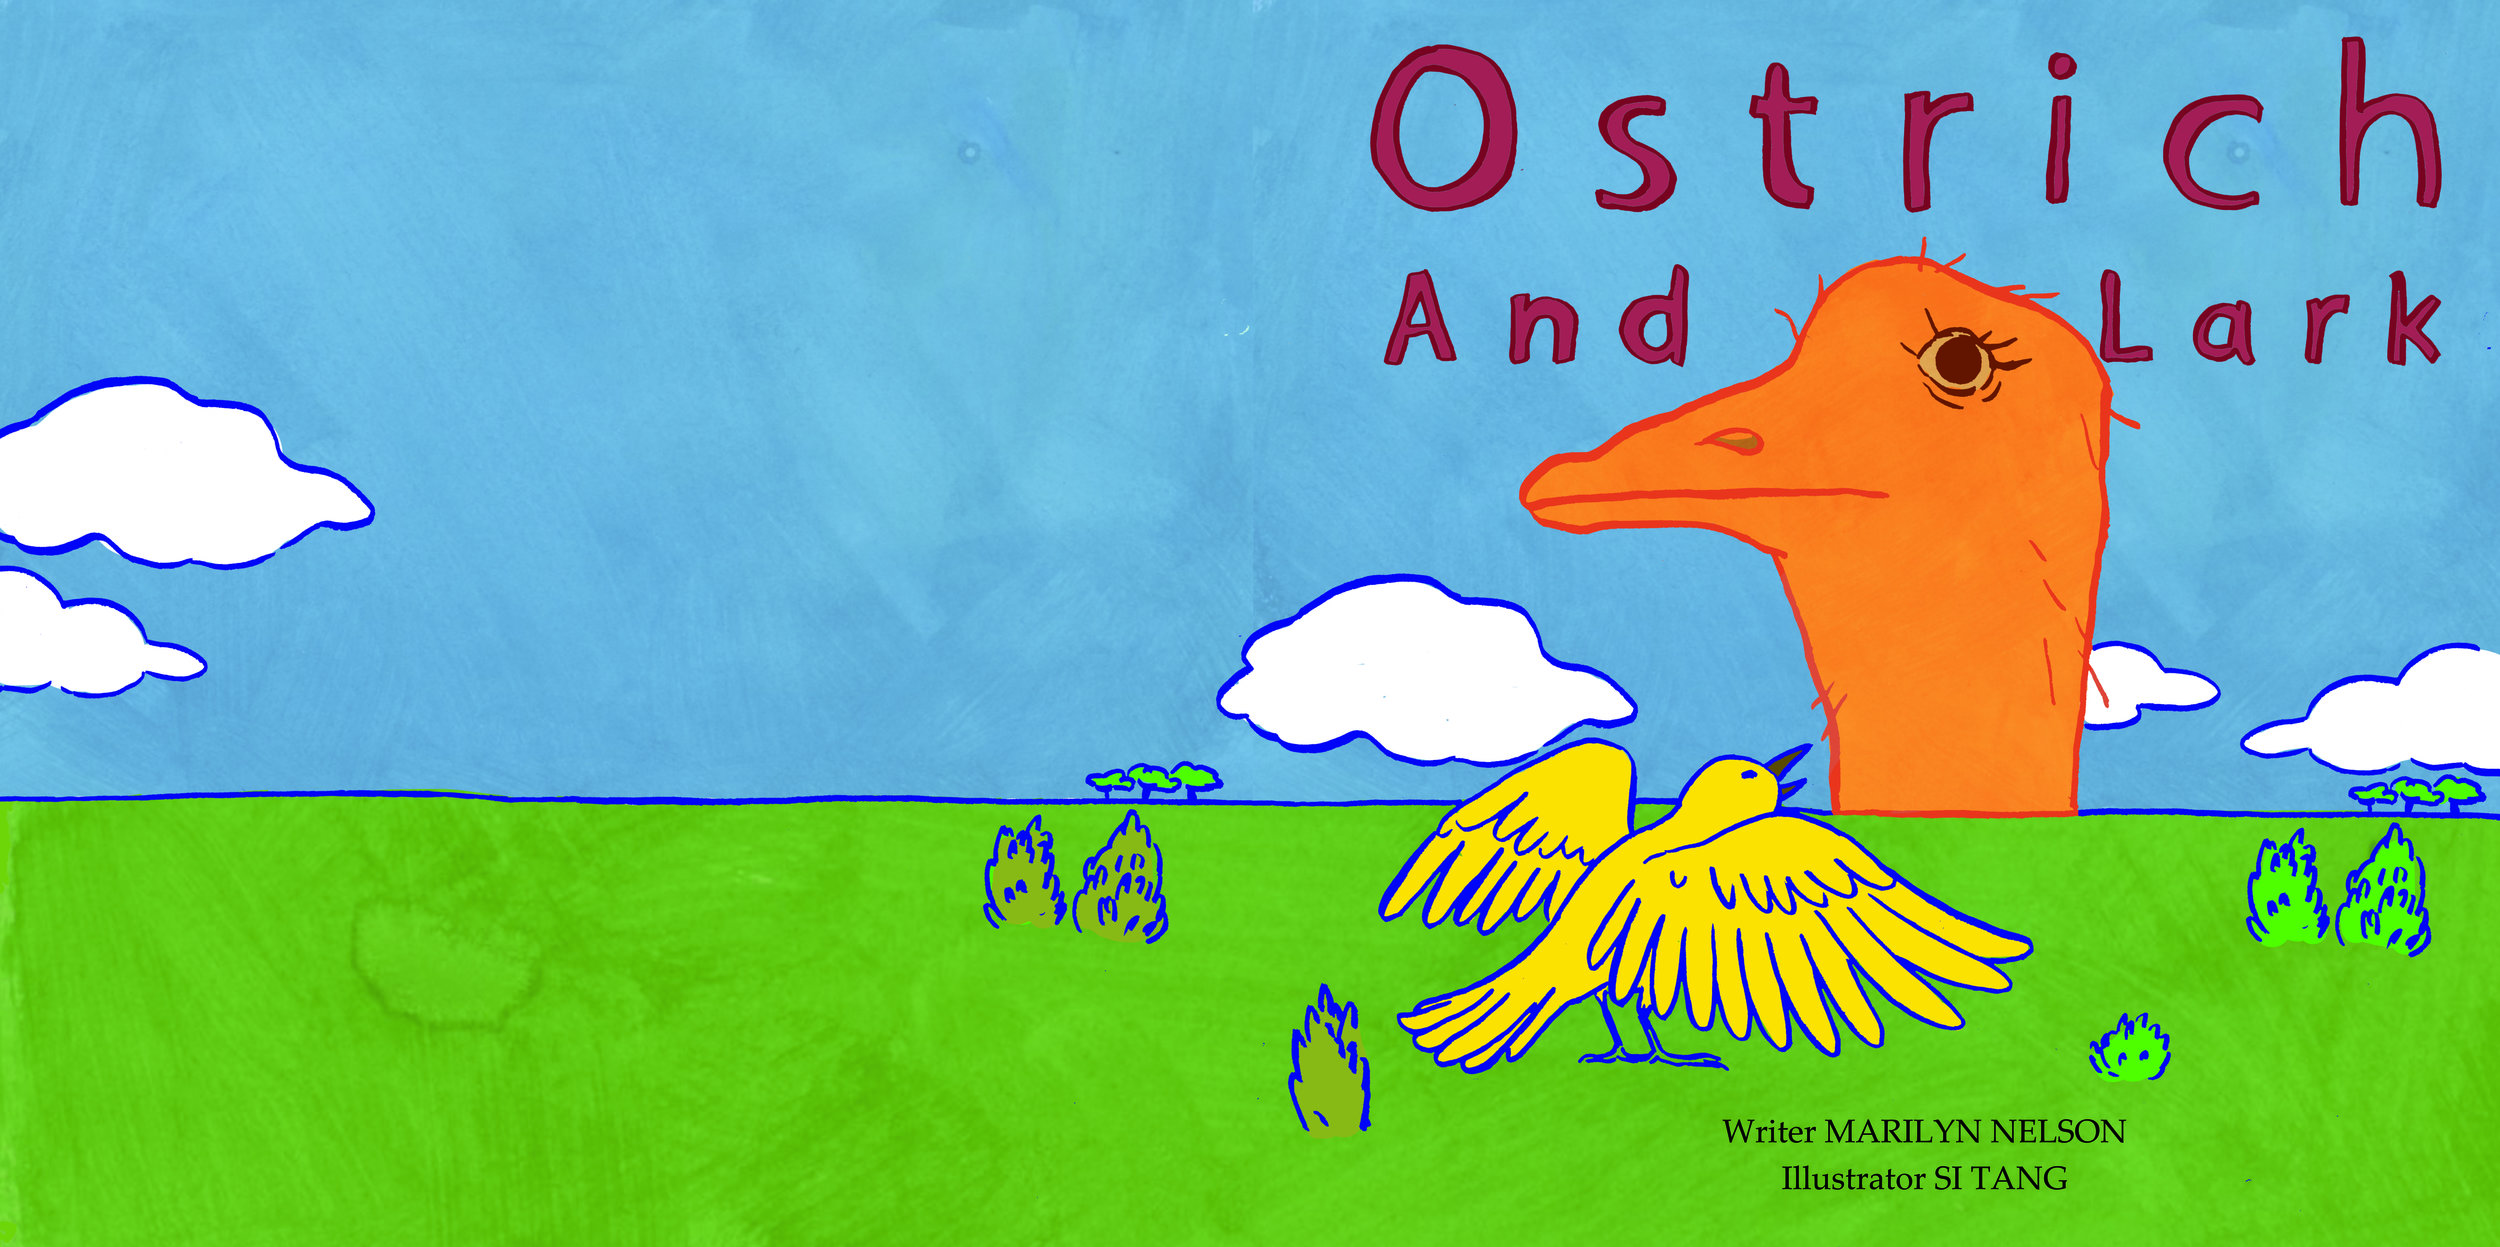 Children's Book: Ostrich and Lark (2018)